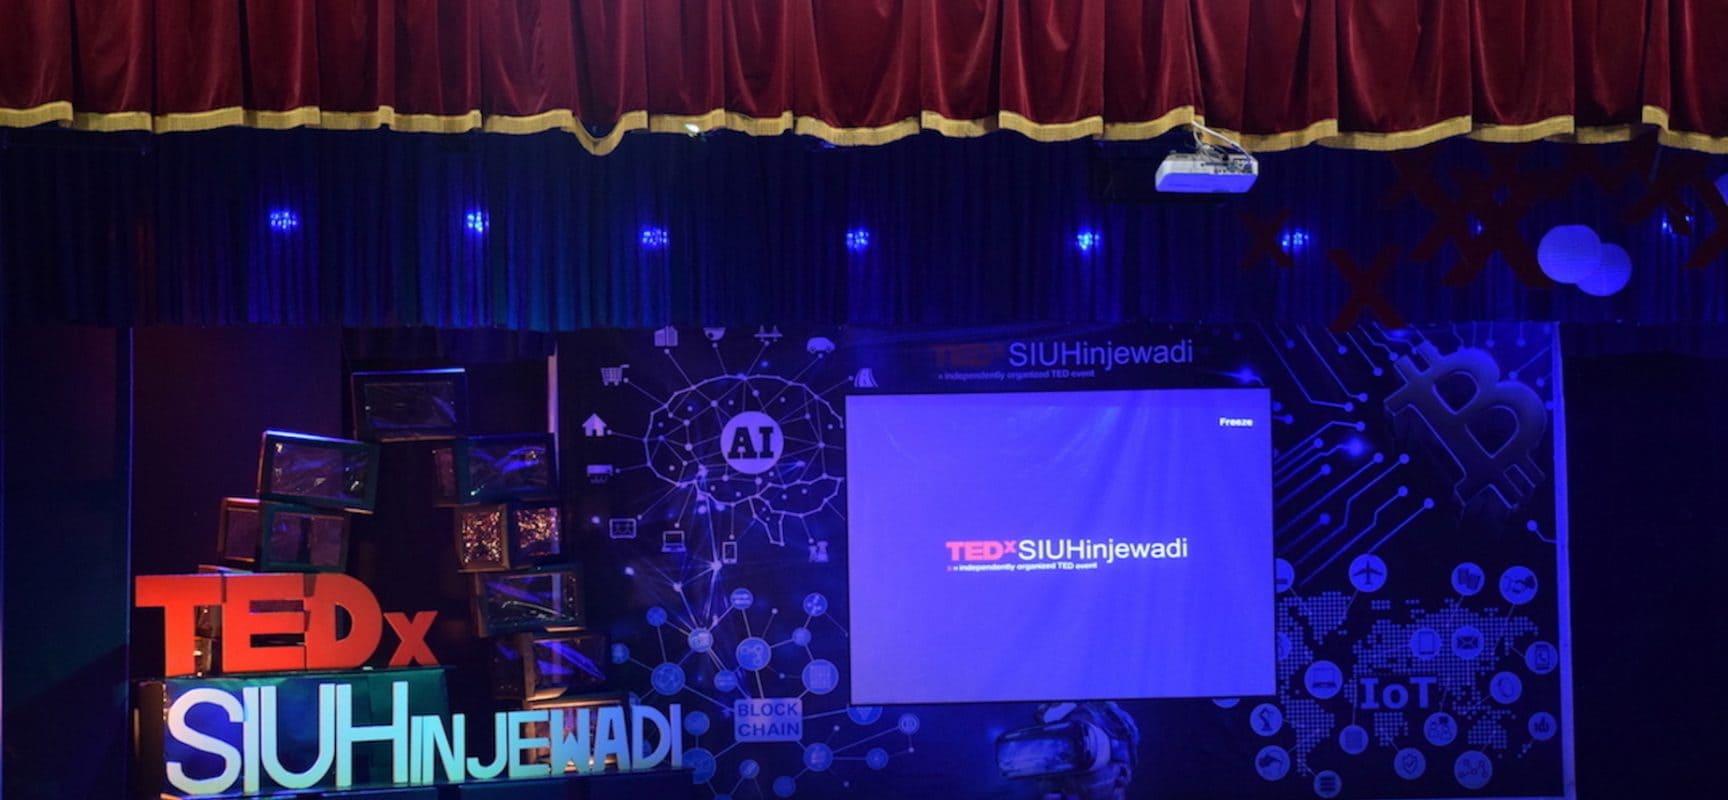 TEDxSIUHinjewadi 2018